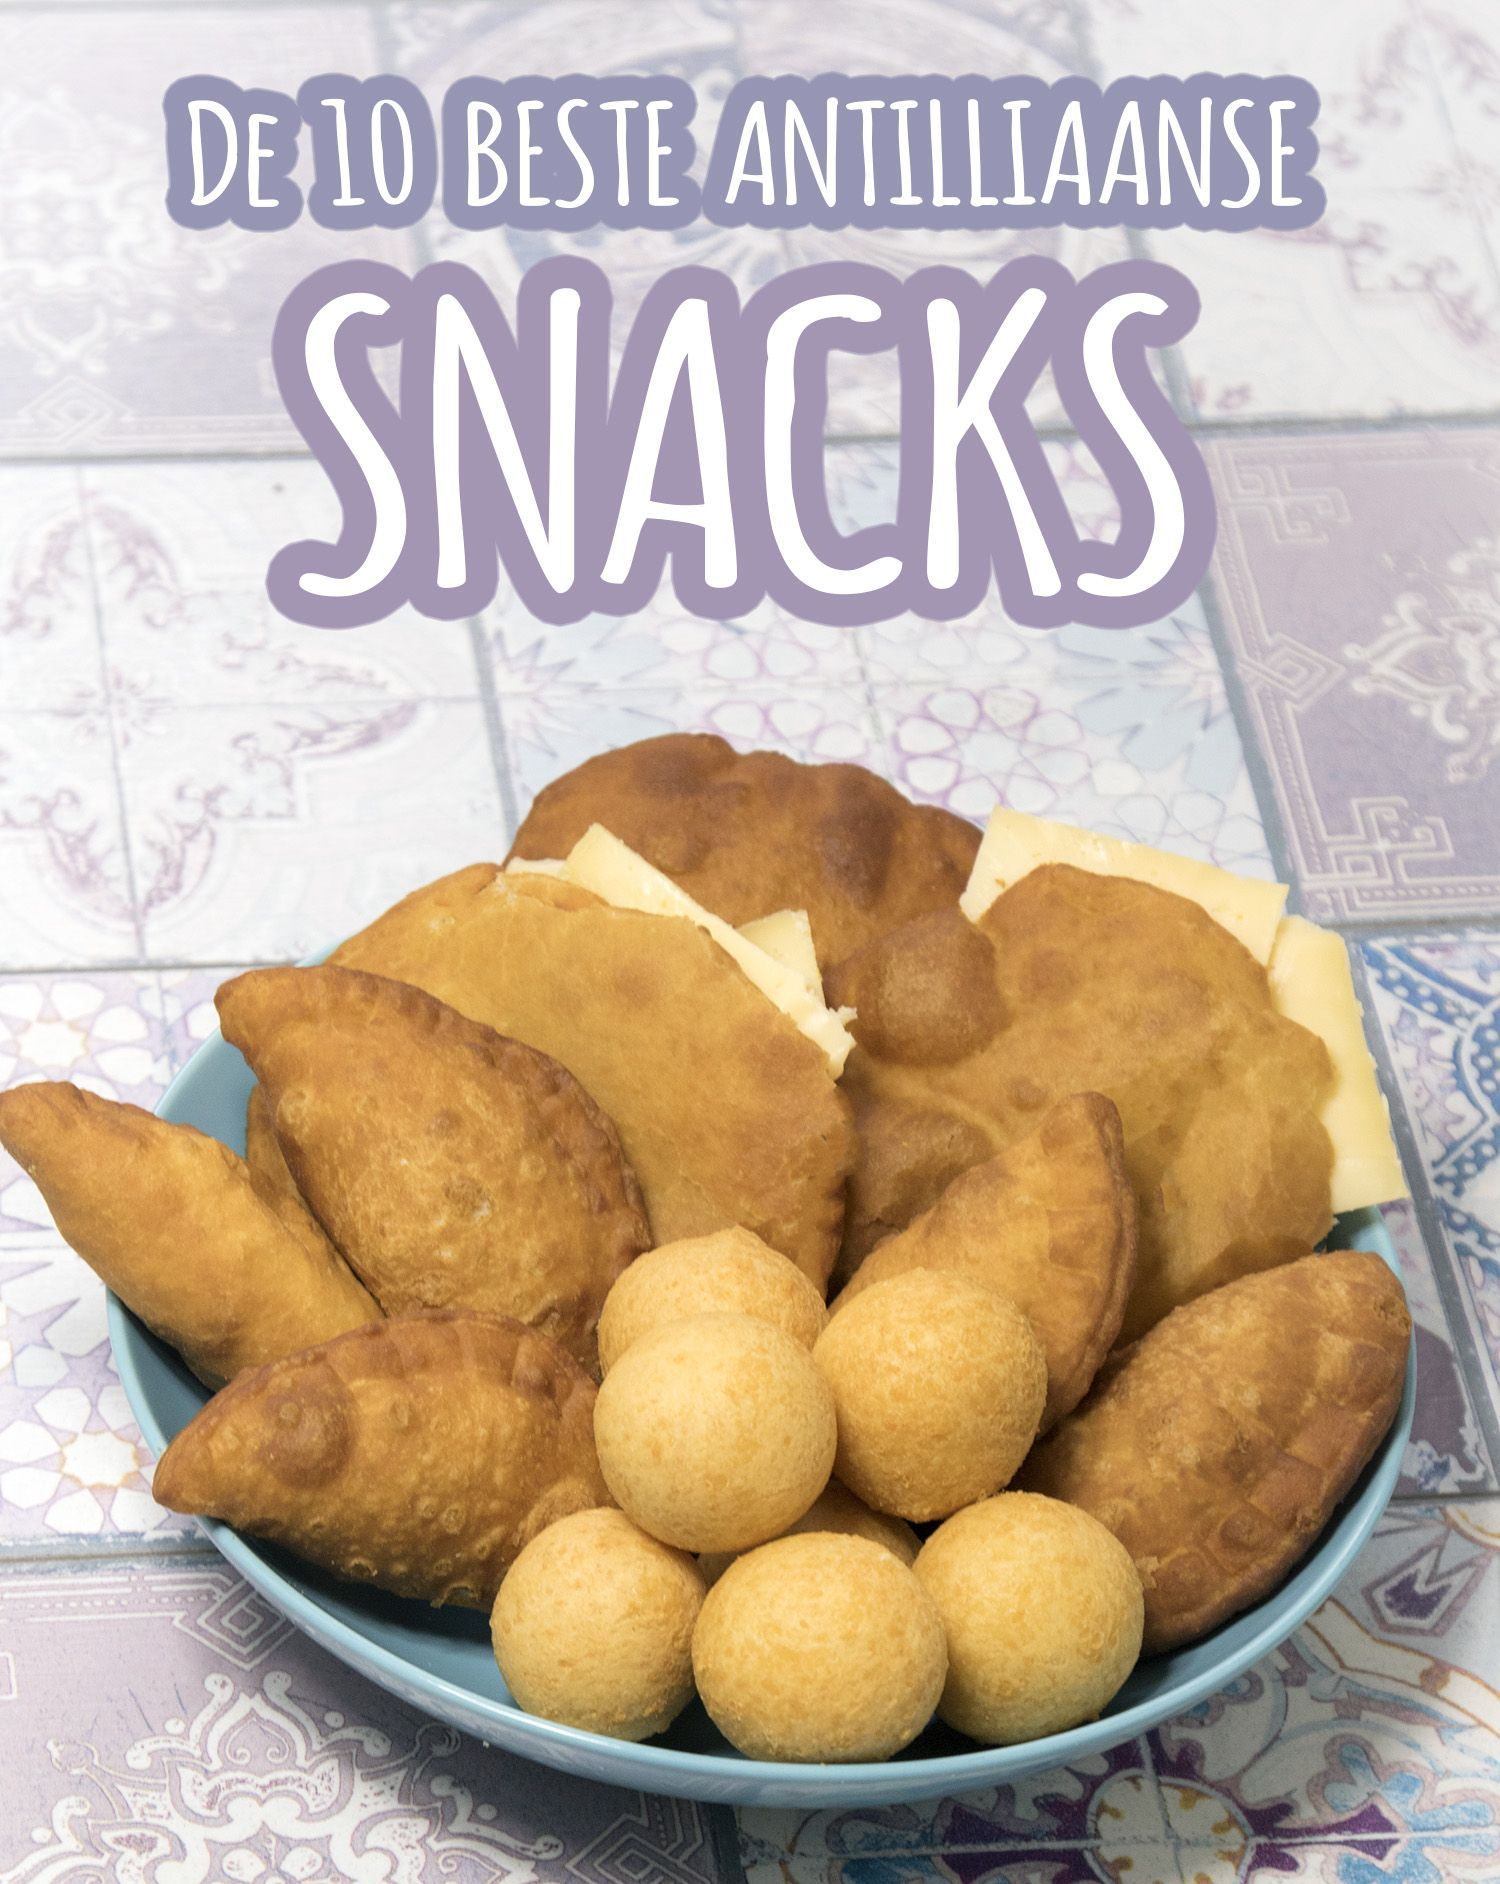 Super De top 10 Antilliaanse snacks | Recept (met afbeeldingen) | Snacks RP-49